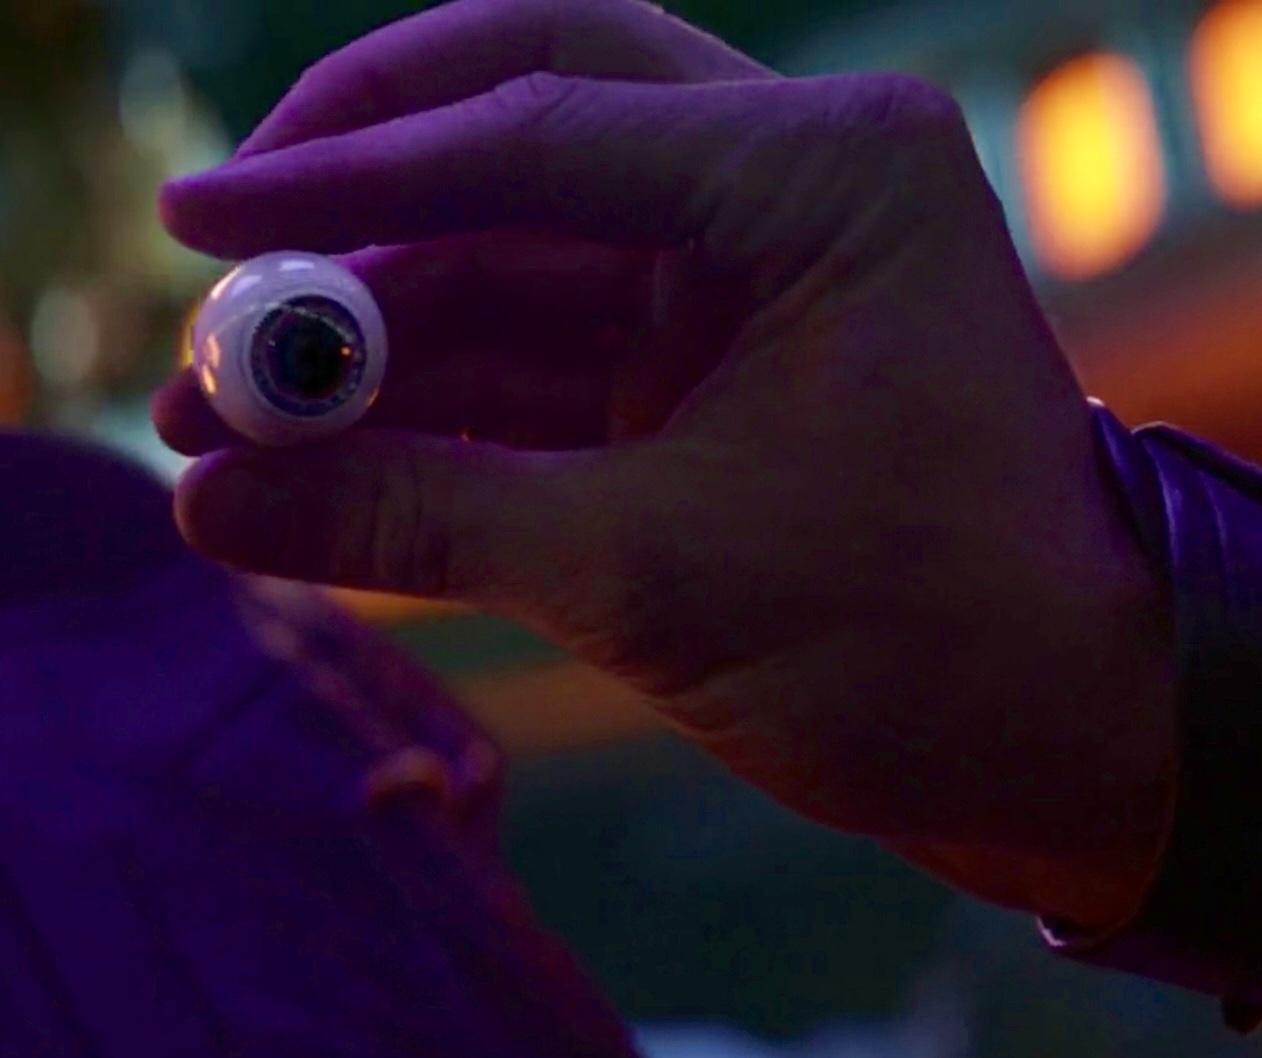 Thor's Prosthetic Eye